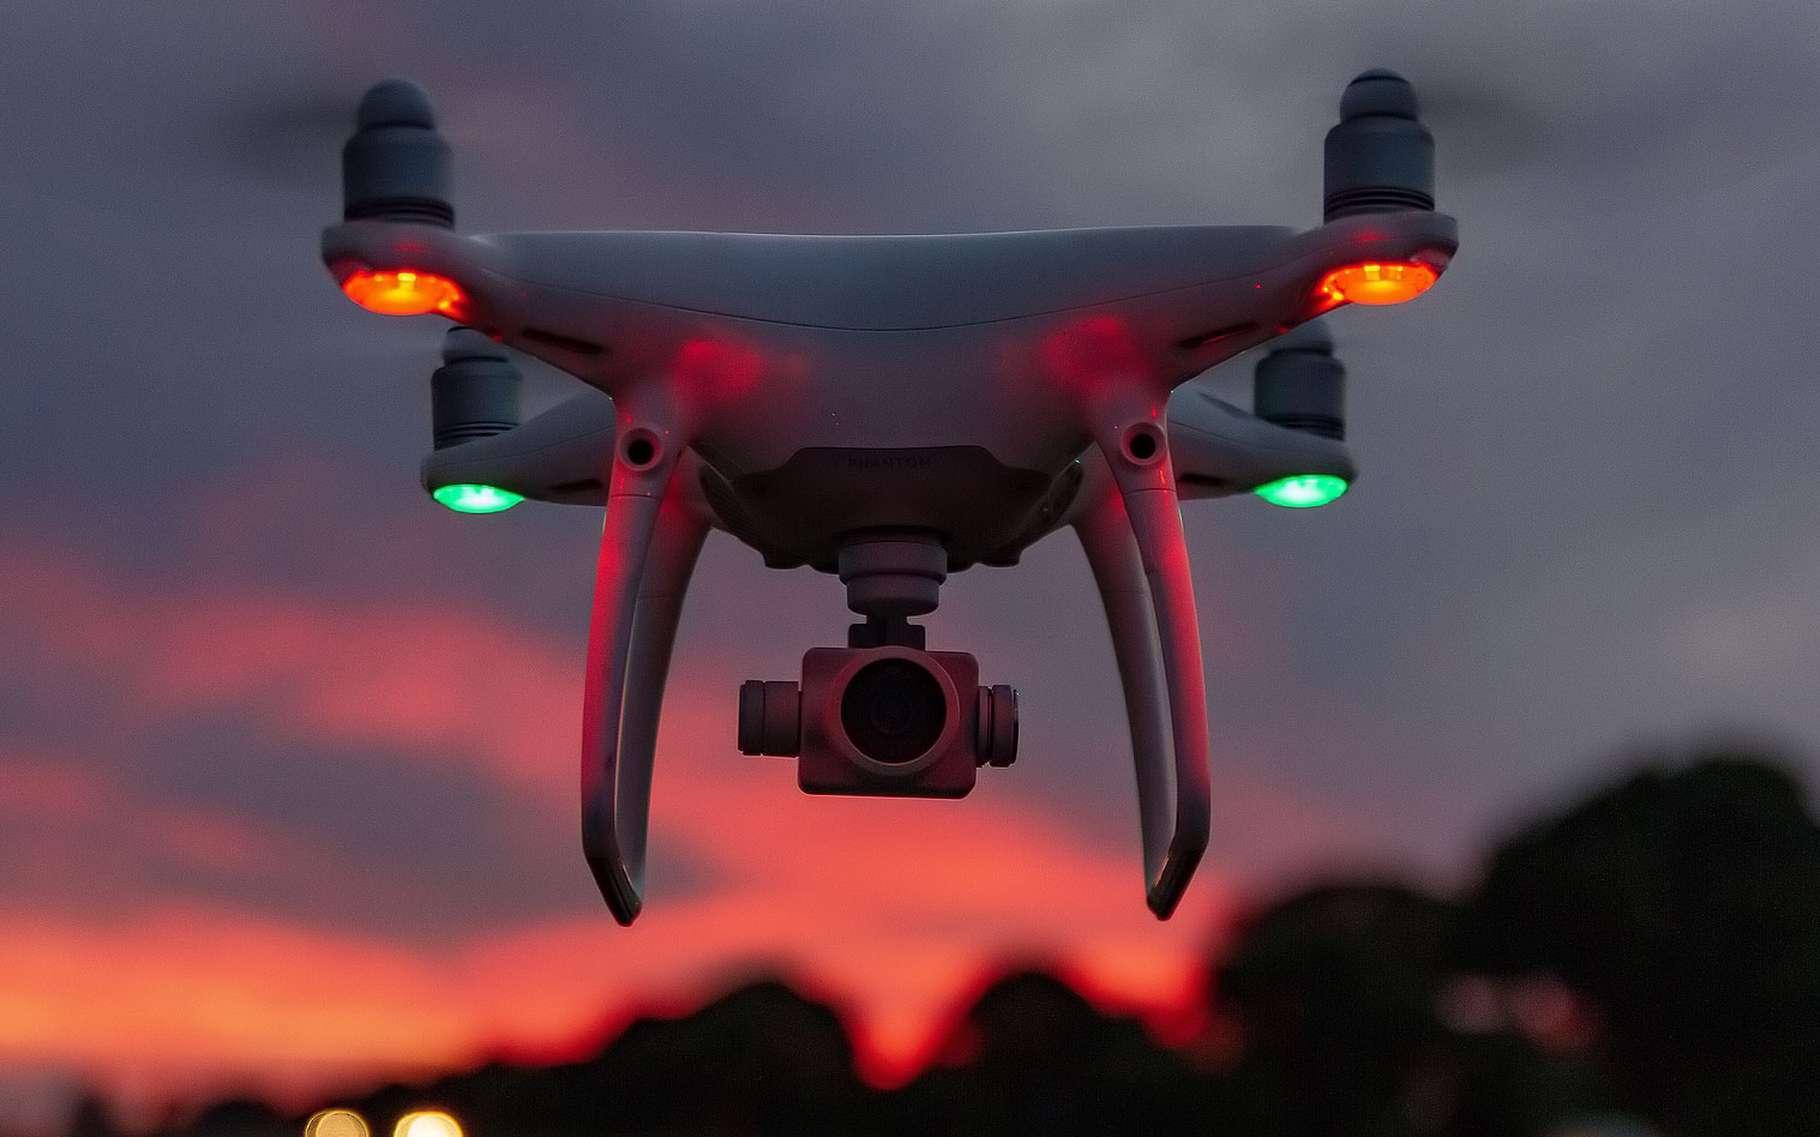 Technologie : Une entreprise développe un drone de transport révolutionnaire